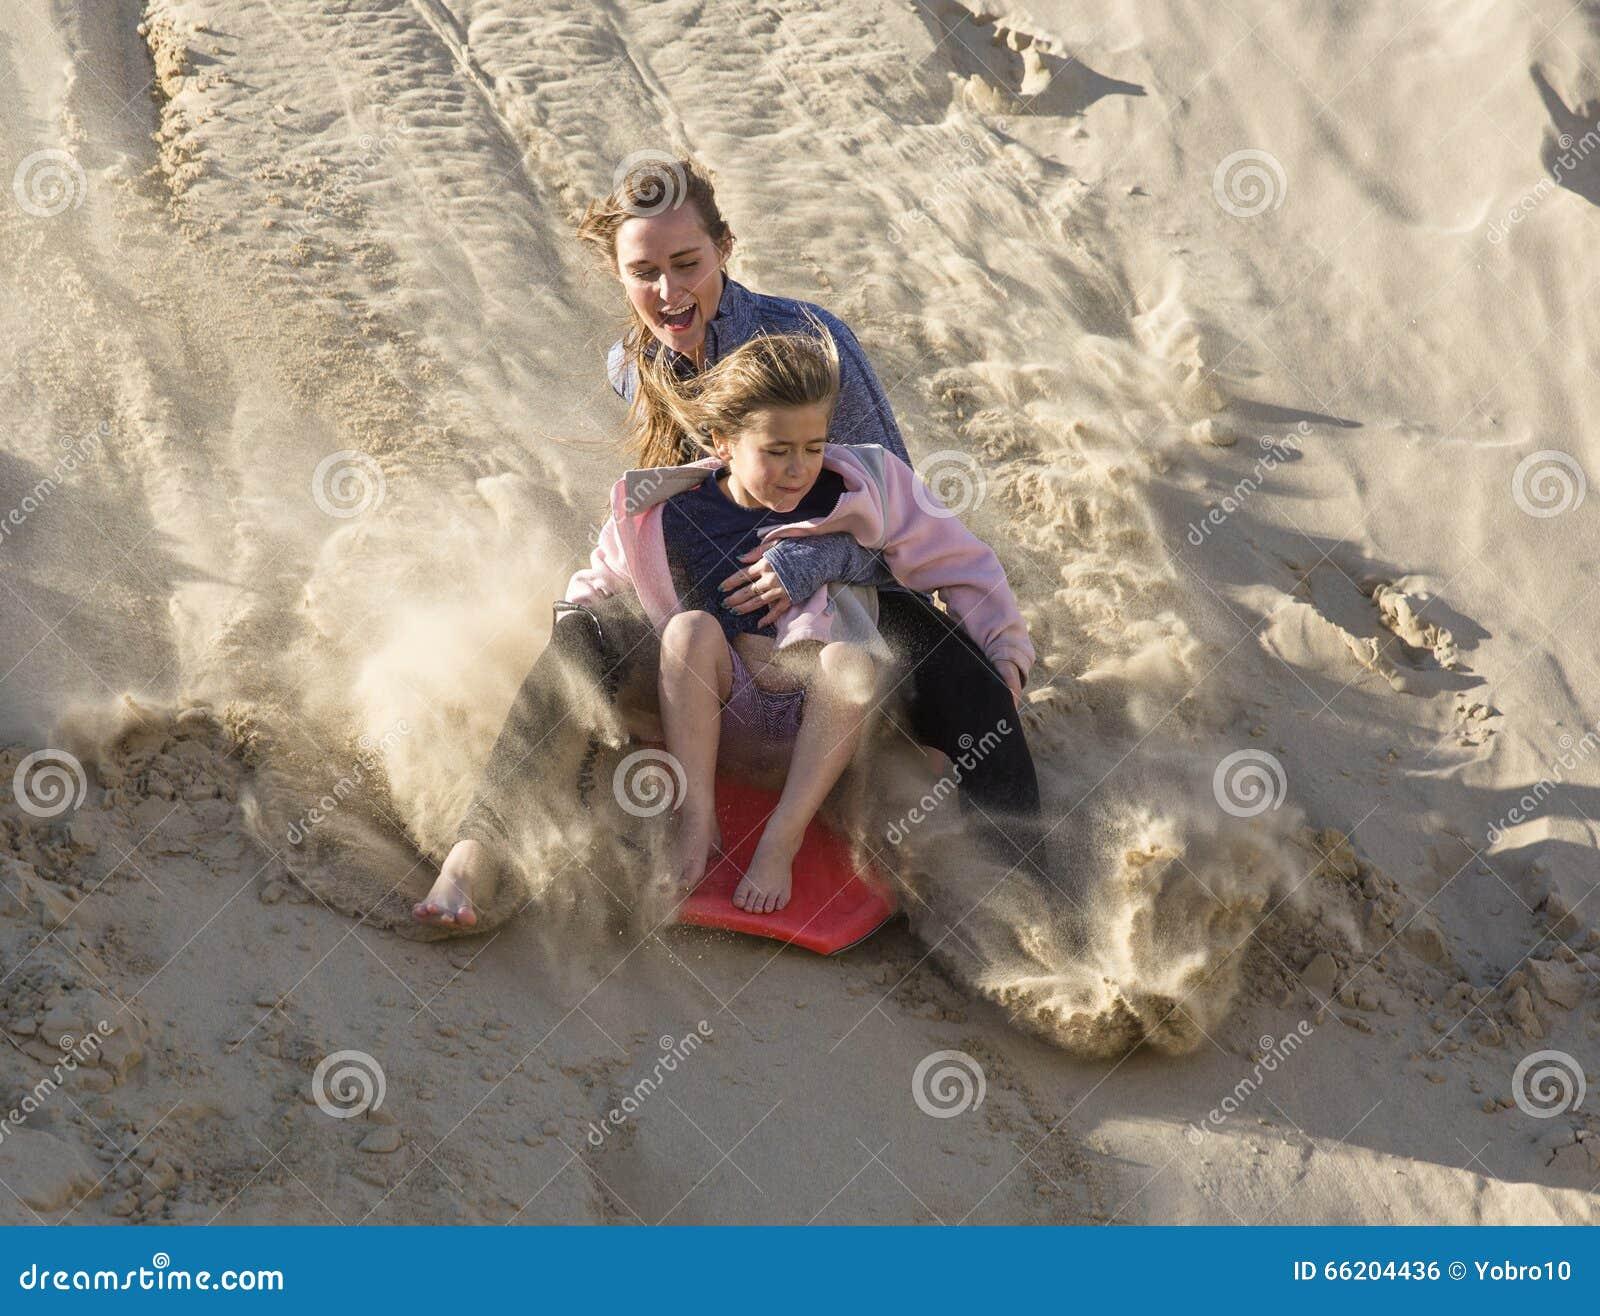 girls Sand dune